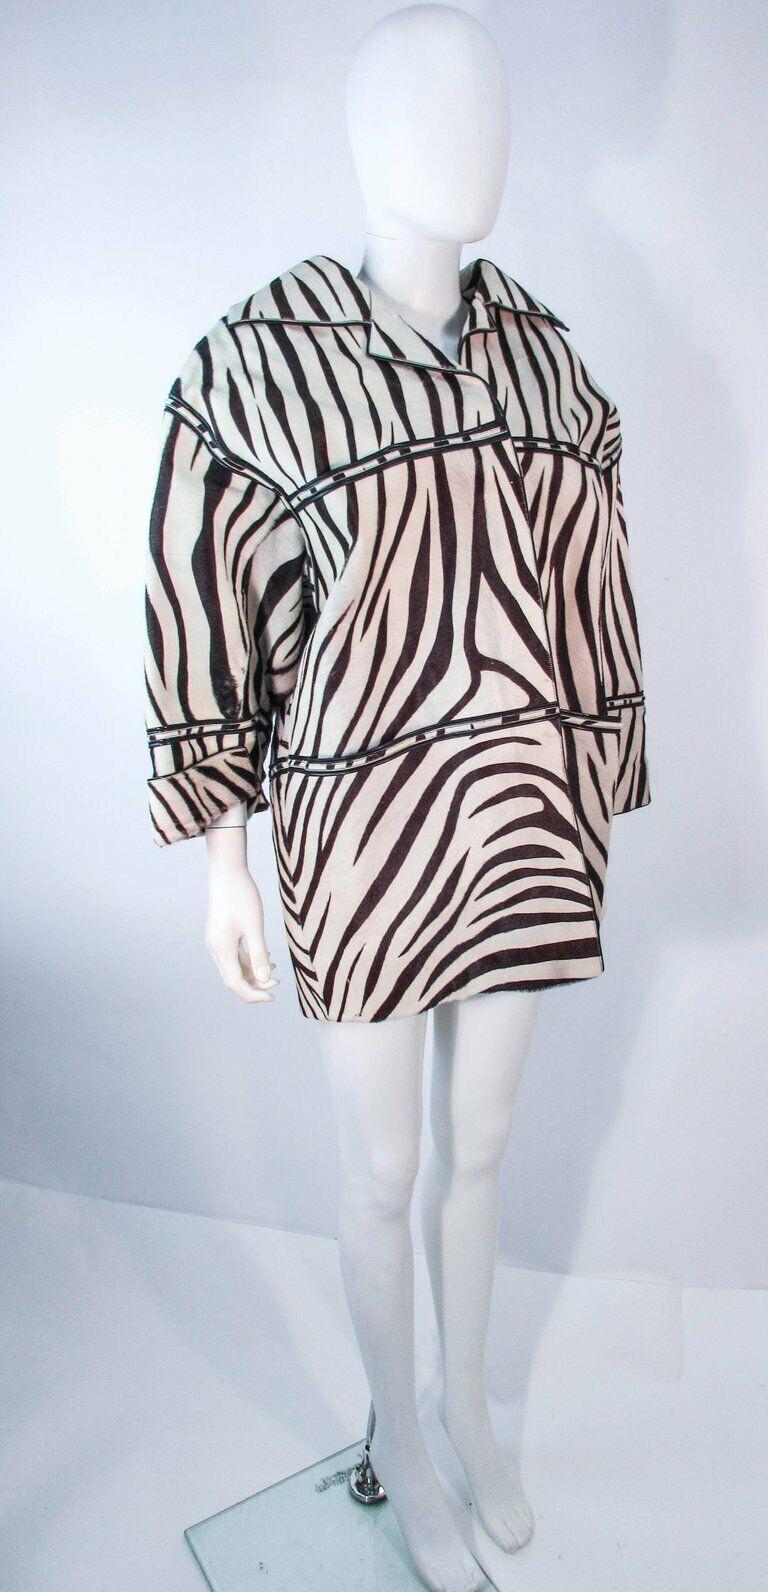 AMEN WARDY Zebra Pattern Cowhide Coat Size 4-8 - image 3